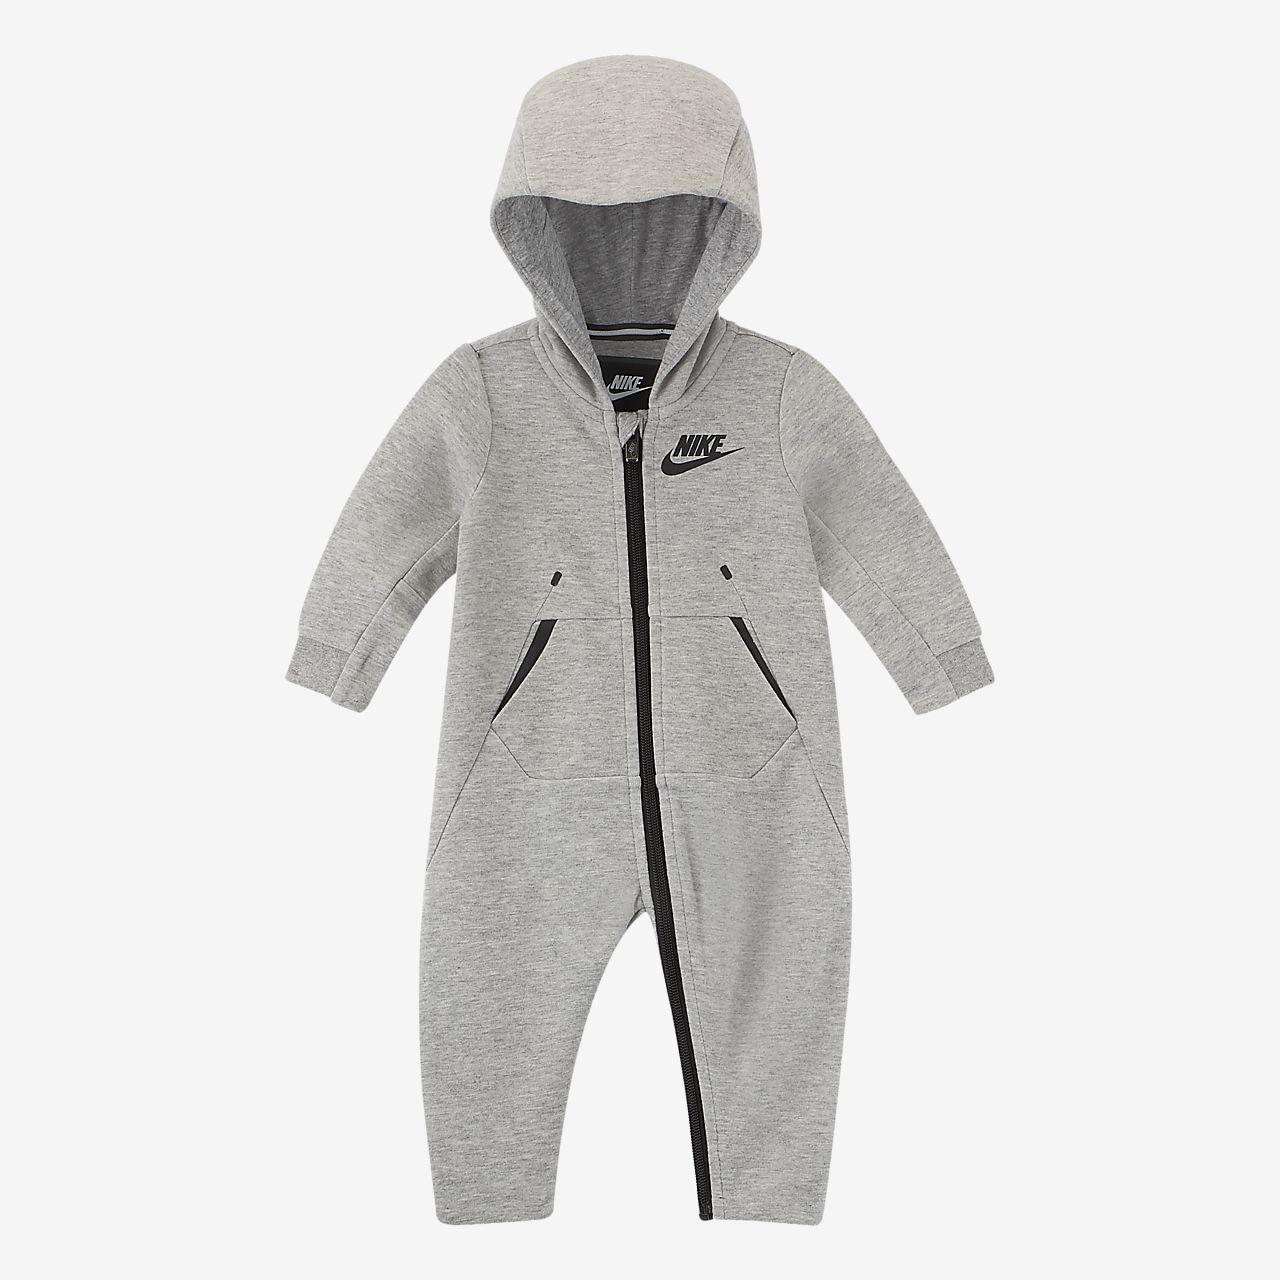 Nike sportswear tech fleece baby 1224m hooded coverall